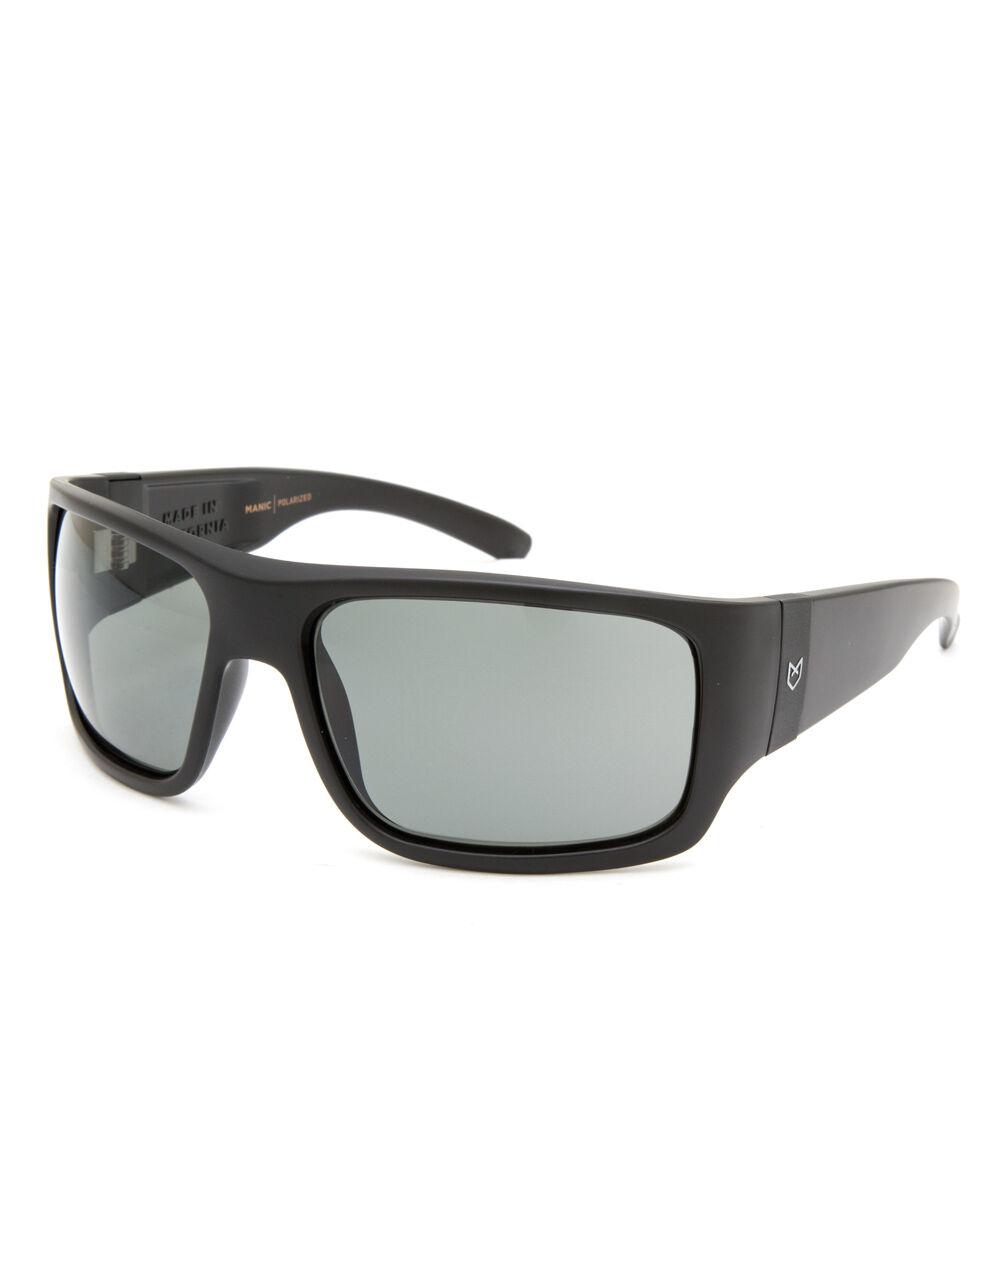 MADSON Manic Polarized Sunglasses